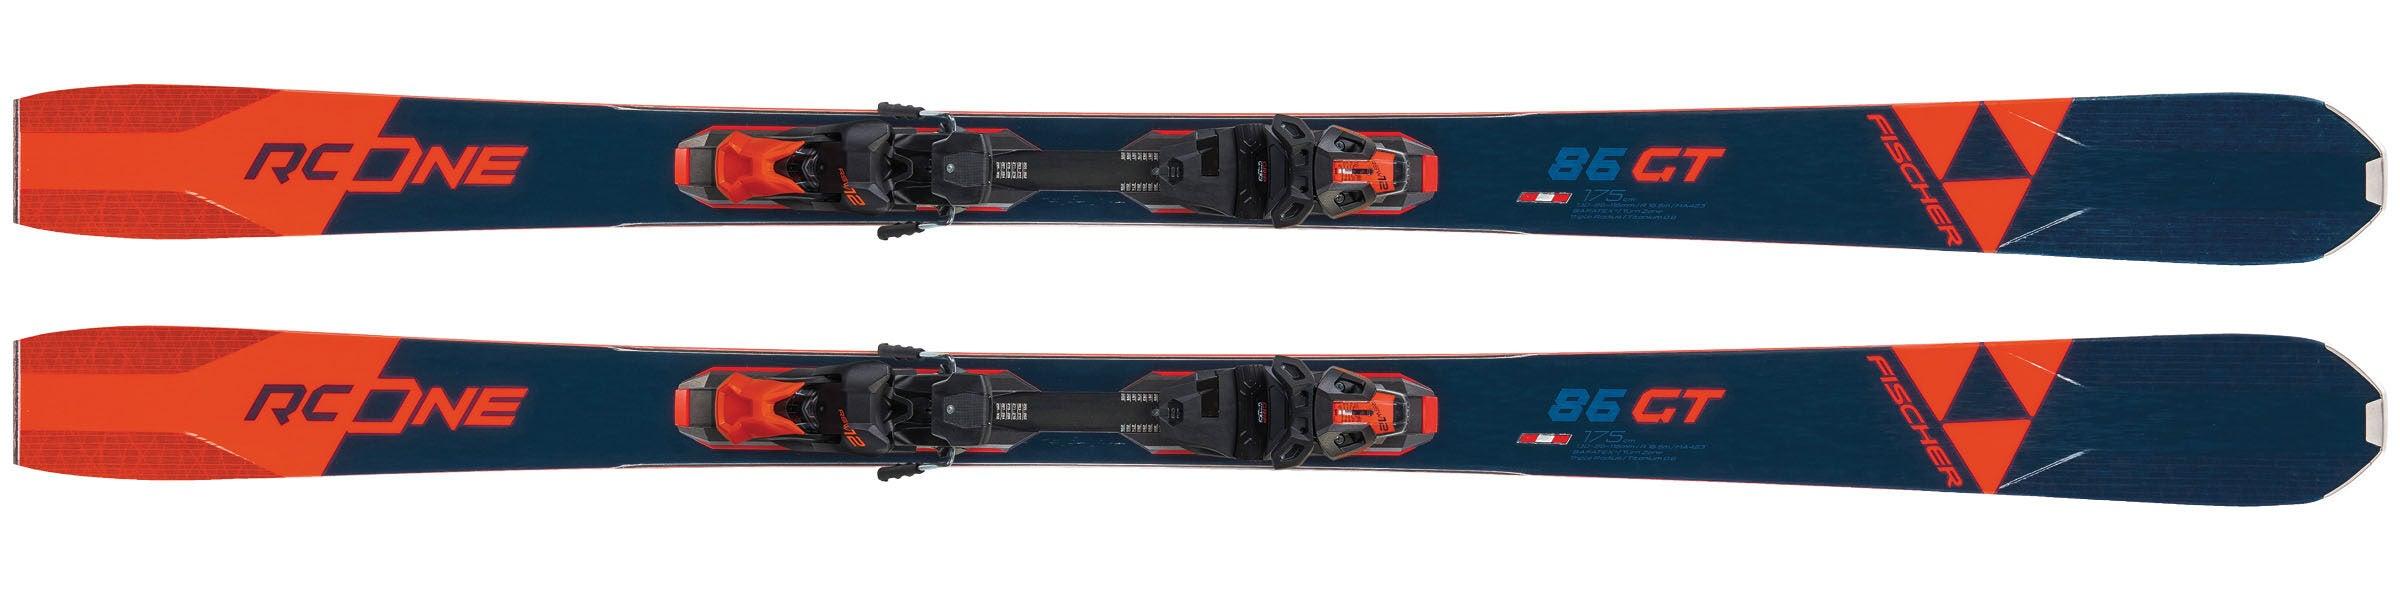 2022 Fischer RC One 86GT